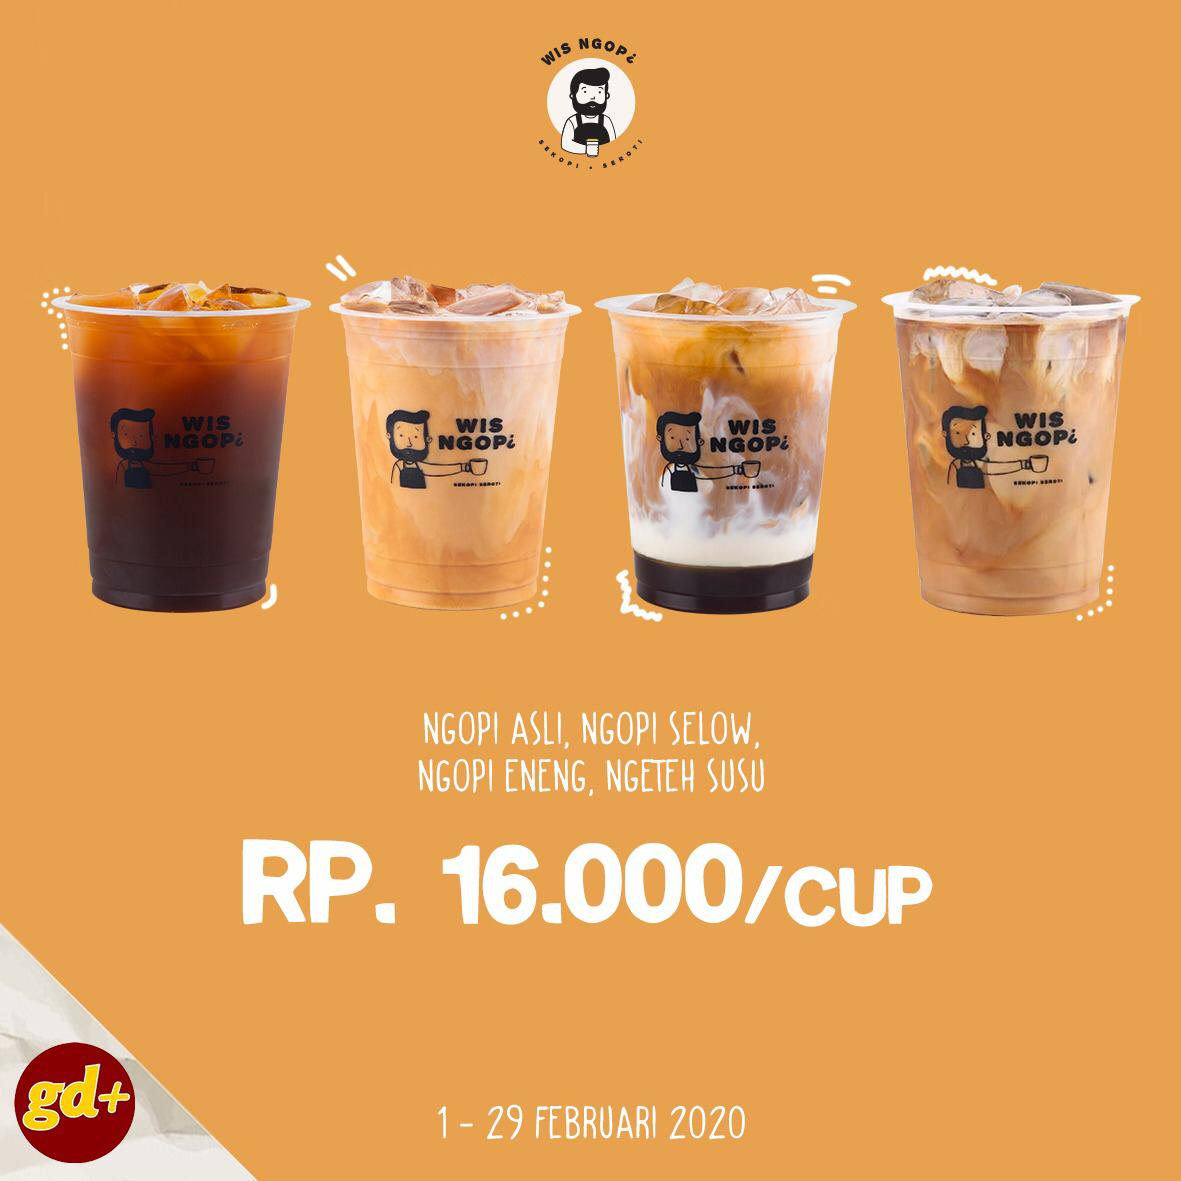 Wis Ngopi Promo Minuman Spesial Hanya Rp 16.000/cup!